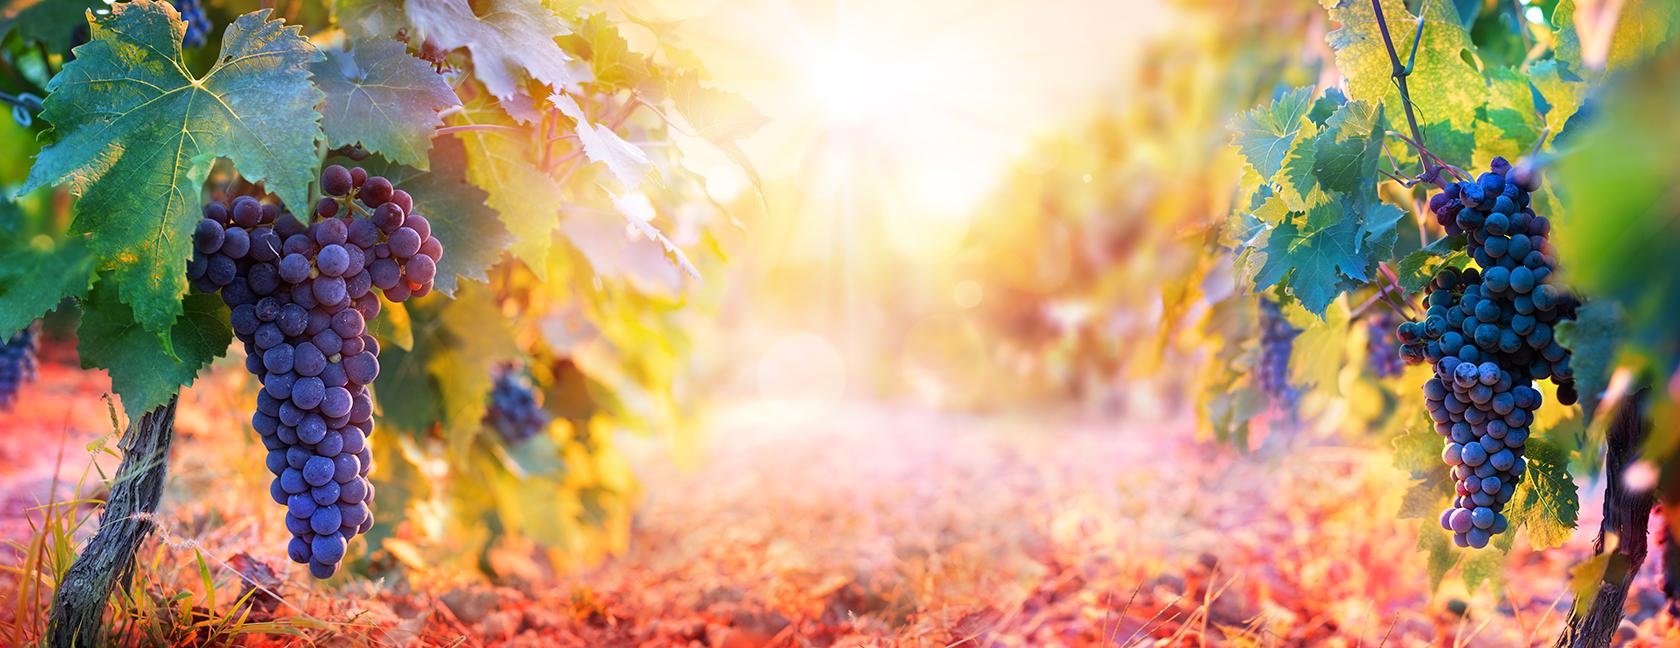 Виноград состав и полезные свойства